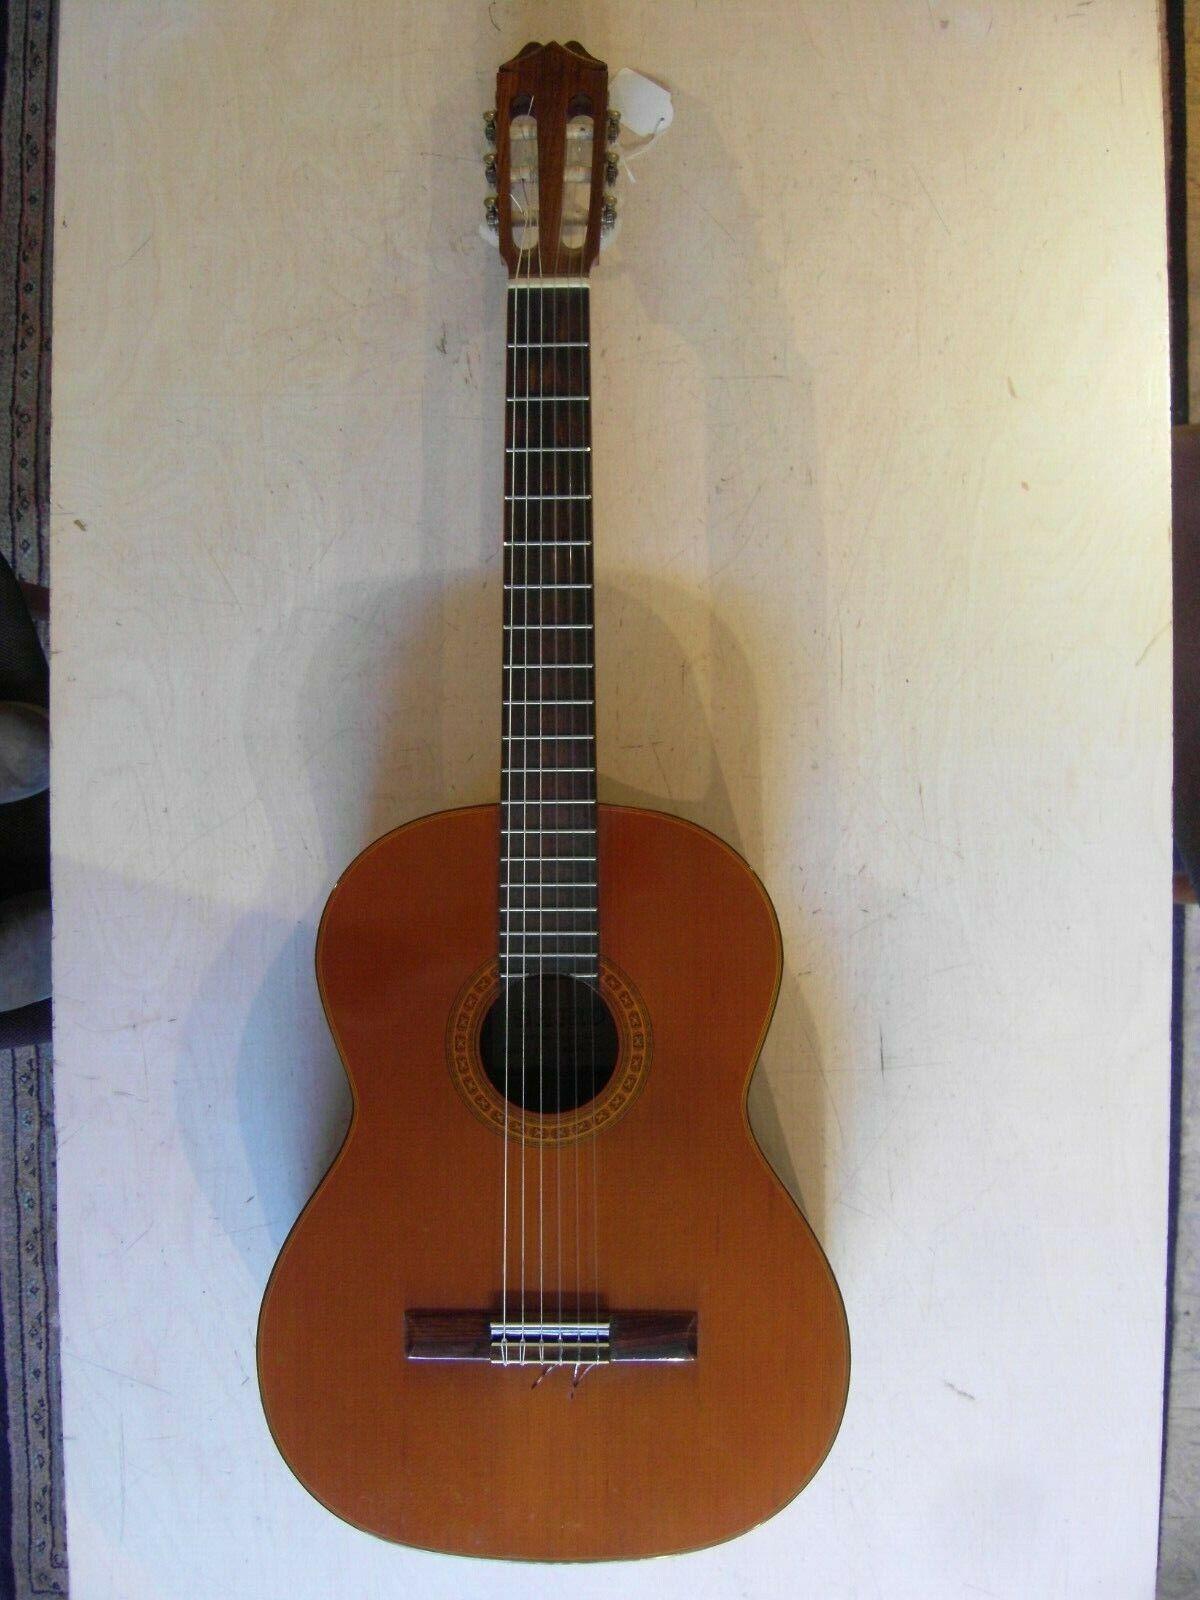 Gitarre Shiro AC-15 Guitar Klassikgitarre Konzertgitarre guitar